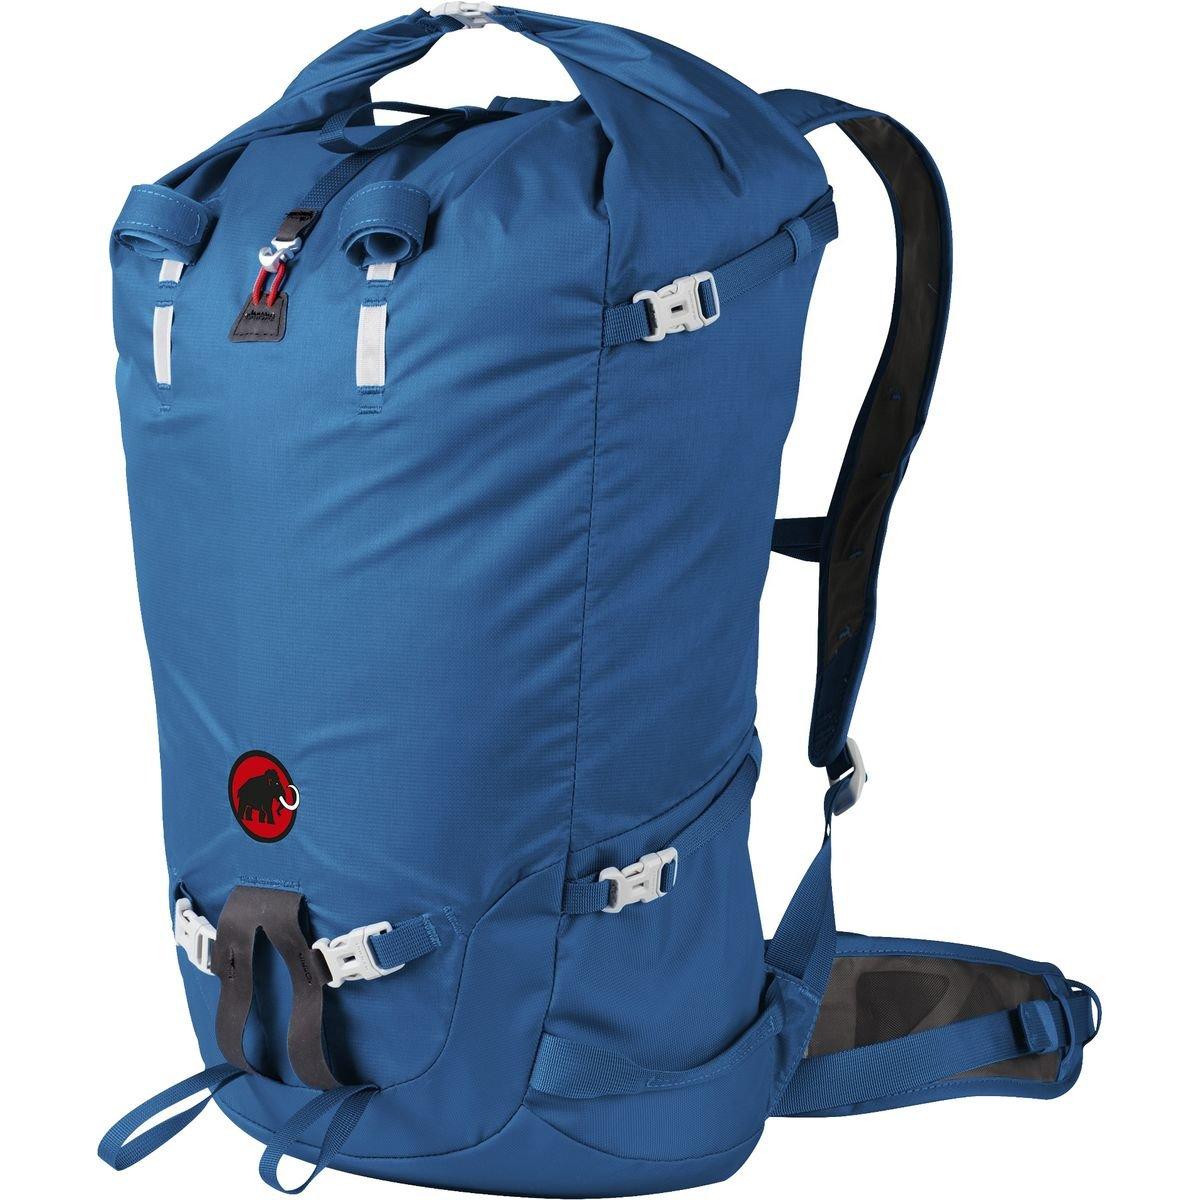 (マムート) Mammut Trion Light 28L+ Backpackメンズ バックパック リュック Dark Cyan [並行輸入品] B076WPRL28  One Size